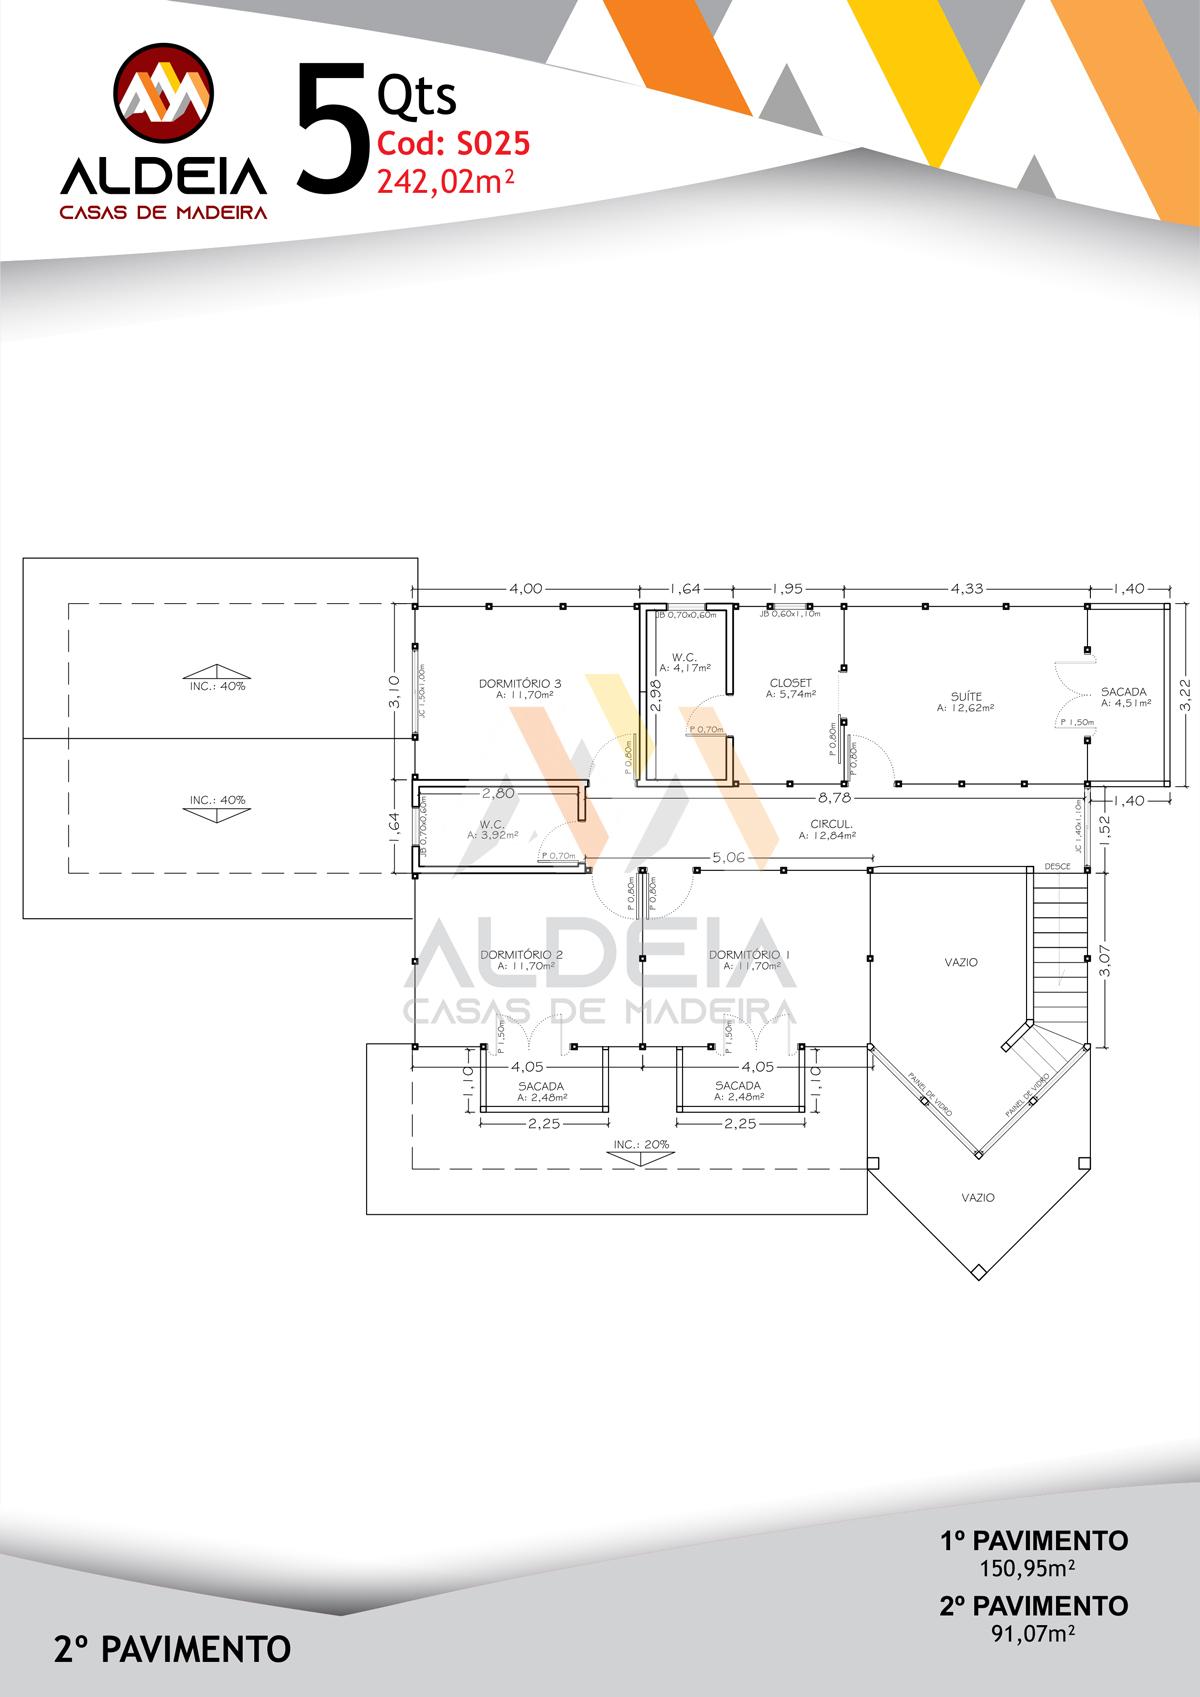 aldeia-casas-madeira-arquitetura-S025-2